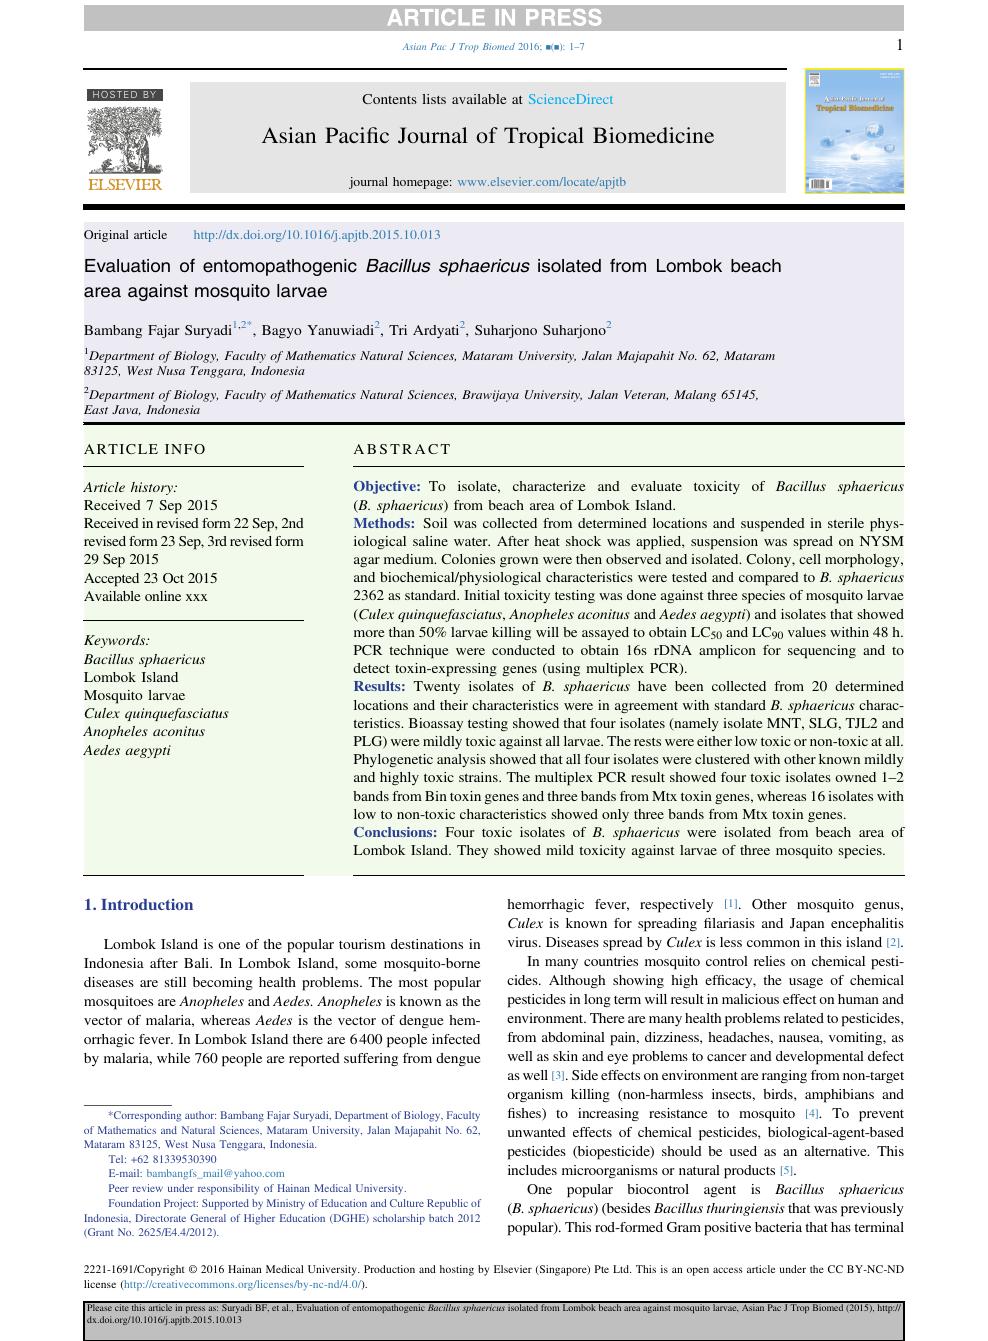 Evaluation of entomopathogenic Bacillus sphaericus isolated from